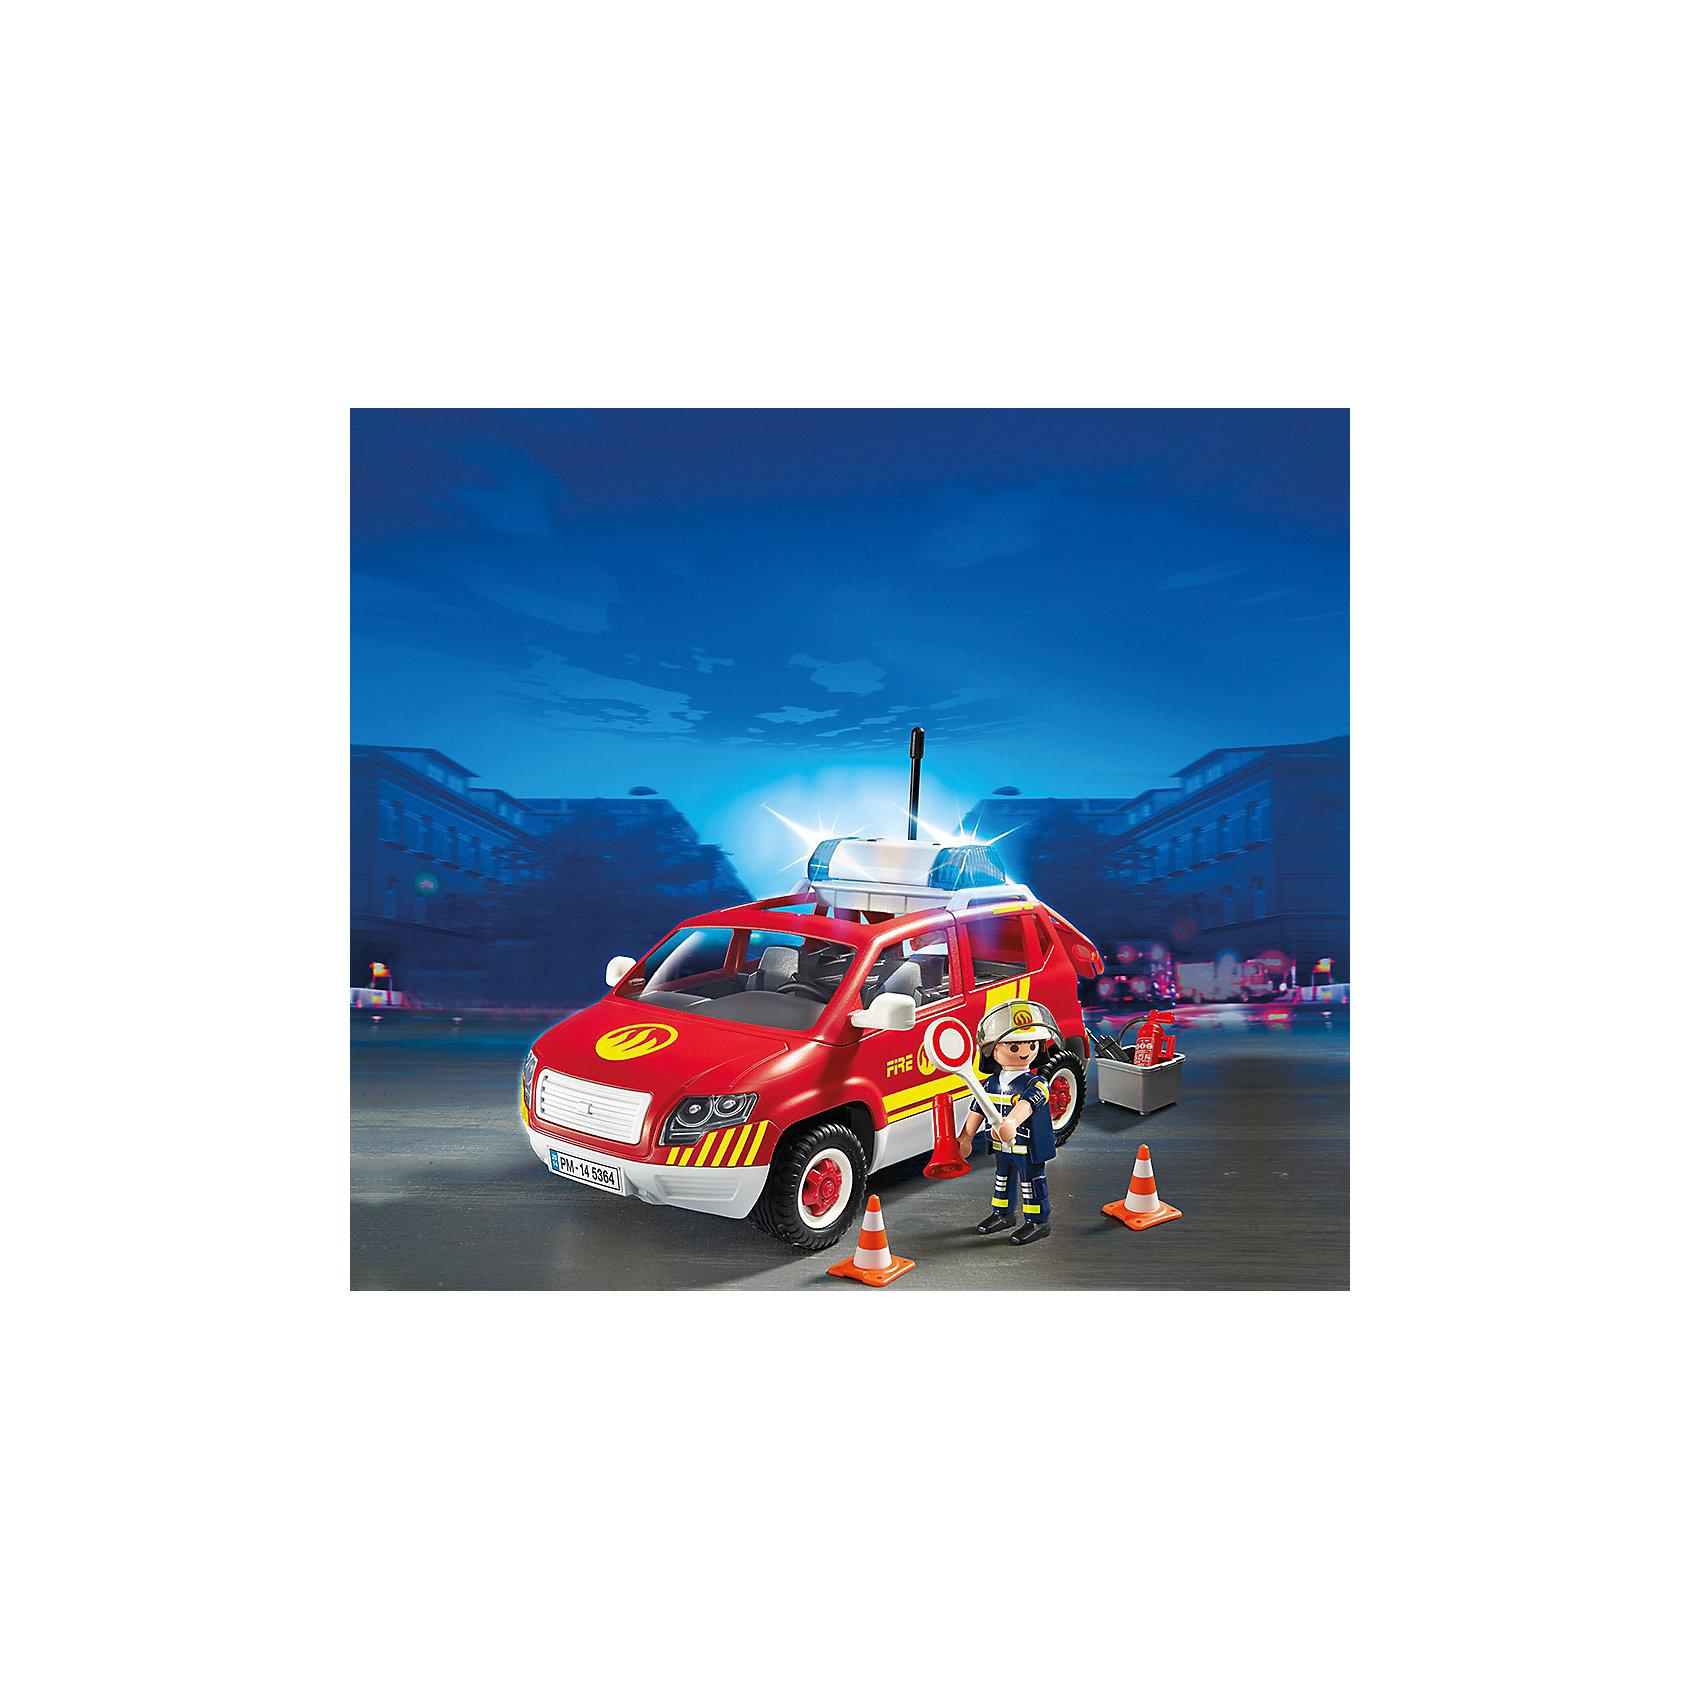 PLAYMOBIL 5364 Пожарная служба: Пожарная машина командира со светом и звукомПластмассовые конструкторы<br>Конструктор PLAYMOBIL (Плеймобил) 5364 Пожарная служба: Пожарная машина командира со светом и звуком - находка для заботливых родителей! Конструктор Вашего ребенка должен быть именно таким: красочным, безопасным и очень интересным. Серия Пожарная служба специально создана для малышей которые не боятся опасности и мечтают помогать другим людям. Пожарные - самая отважная профессия! Настоящий пожарный должен быть смелым, сильным и очень ловким. В наборе Пожарная машина командира со светом и звуком ребенок найдет фигурку командира пожарной команды, одетого в специальную форму и каску. У него очень важная миссии - он координирует работу около места возгорания. Он отдает четкие приказы в рупор и все машины руководствуются его указаниями. В машине командира множество вещей необходимых при такой важной работе: огнетушитель, инструменты, конусы. Его машина оснащена мигалкой, которая позволяет быстро доезжать до места происшествия. Создай интересные сюжеты с набором Пожарная машина командира со светом и звуком или объедини его с другими наборами серии и игра станет еще интереснее. Придумывая замечательные сюжеты с деталями конструктора, Ваш ребенок развивает фантазию, учится заботе и просто прекрасно проводит время!<br><br>Дополнительная информация:<br><br>- Конструкторы PLAYMOBIL (Плеймобил) отлично развивают мелкую моторику, фантазию и воображение;<br>- В наборе: минифигурка командира, машина со светом и звуком, дорожные конусы, рупор, дорожный знак, огнетушитель, аксессуары;<br>- Количество деталей: 38  шт;<br>- Материал: безопасный пластик;<br>- Размер минифигурок: 7,5 см;<br>- Размер упаковки: 25 х 20 х 13 см<br><br>Конструктор PLAYMOBIL (Плеймобил) 5364 Пожарная служба: Пожарная машина командира со светом и звуком можно купить в нашем интернет-магазине.<br><br>Ширина мм: 261<br>Глубина мм: 200<br>Высота мм: 126<br>Вес г: 557<br>Возраст от месяцев: 60<br>Возраст до м